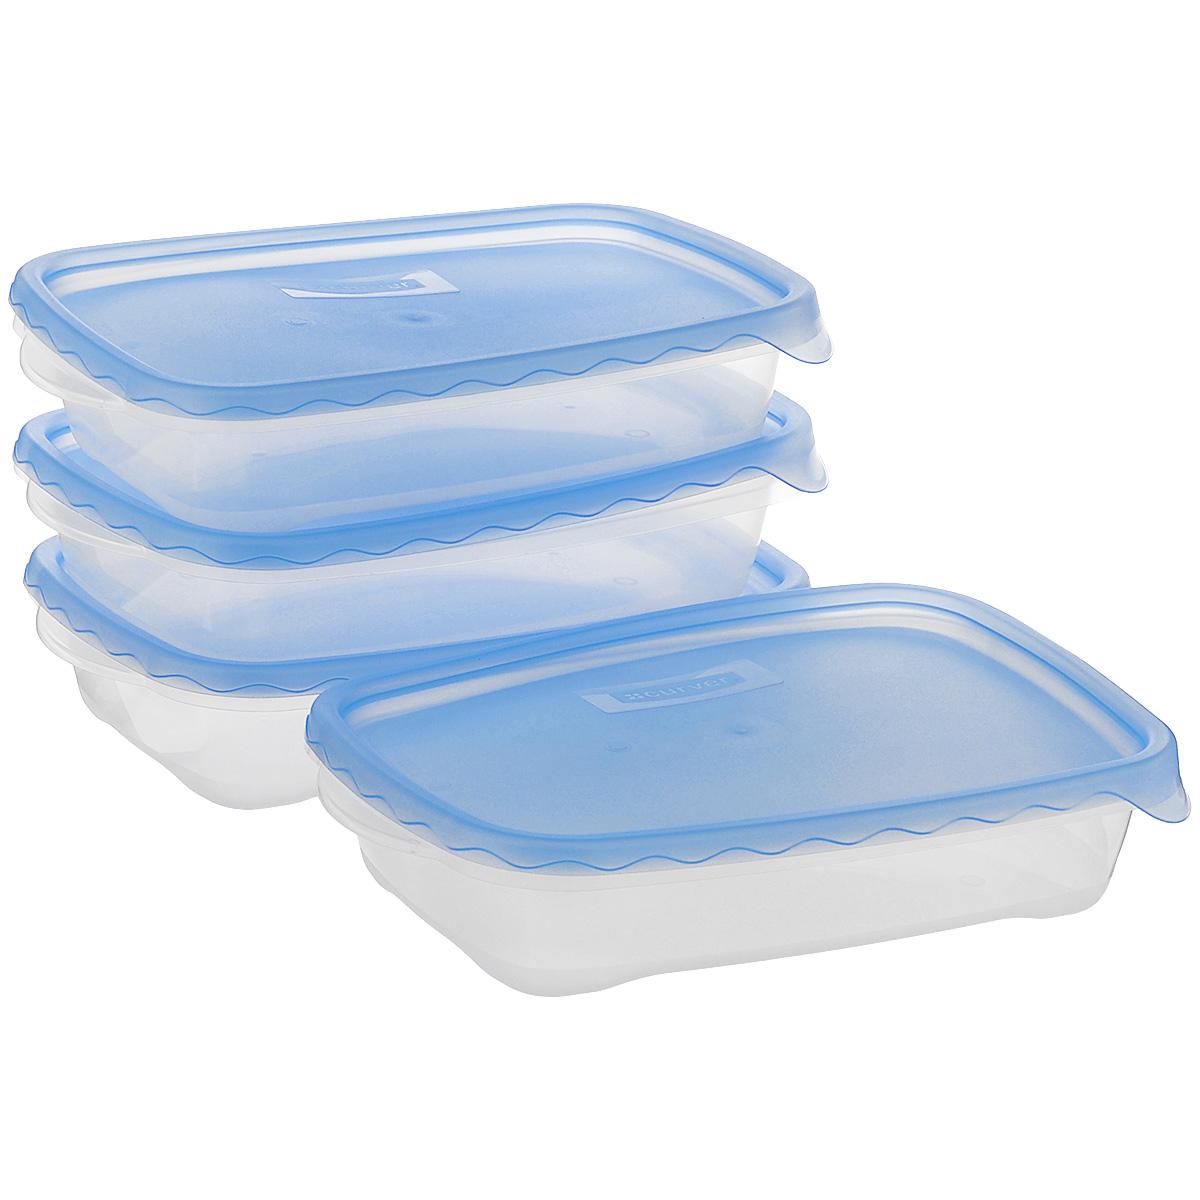 Набор контейнеров Curver Taky Away, цвет: прозрачный, голубой, 950 мл, 4 шт08324-001-06Набор Curver Taky Away состоит из четырех прямоугольных контейнеров, выполненных из пищевого пластика. Контейнеры вакуумные, что позволяет продлить свежесть продуктов, предотвратить рост бактерий и плесени, а также защитить содержимое от влаги. При этом сохраняется первоначальный вкус и аромат ингредиентов. Каждый контейнер снабжен удобной крышкой. Такие контейнеры очень функциональны. Их можно использовать дома для хранения пищи в холодильнике, а также для хранения разнообразных сыпучих продуктов, таких как кофе, крупы, соль, сахар. Контейнеры также удобно брать с собой на работу, учебу или в поездку. Набор подходит для использования в СВЧ, холодильнике и мытья в посудомоечной машине. Размер контейнера: 25 см х 16 см х 5 см.